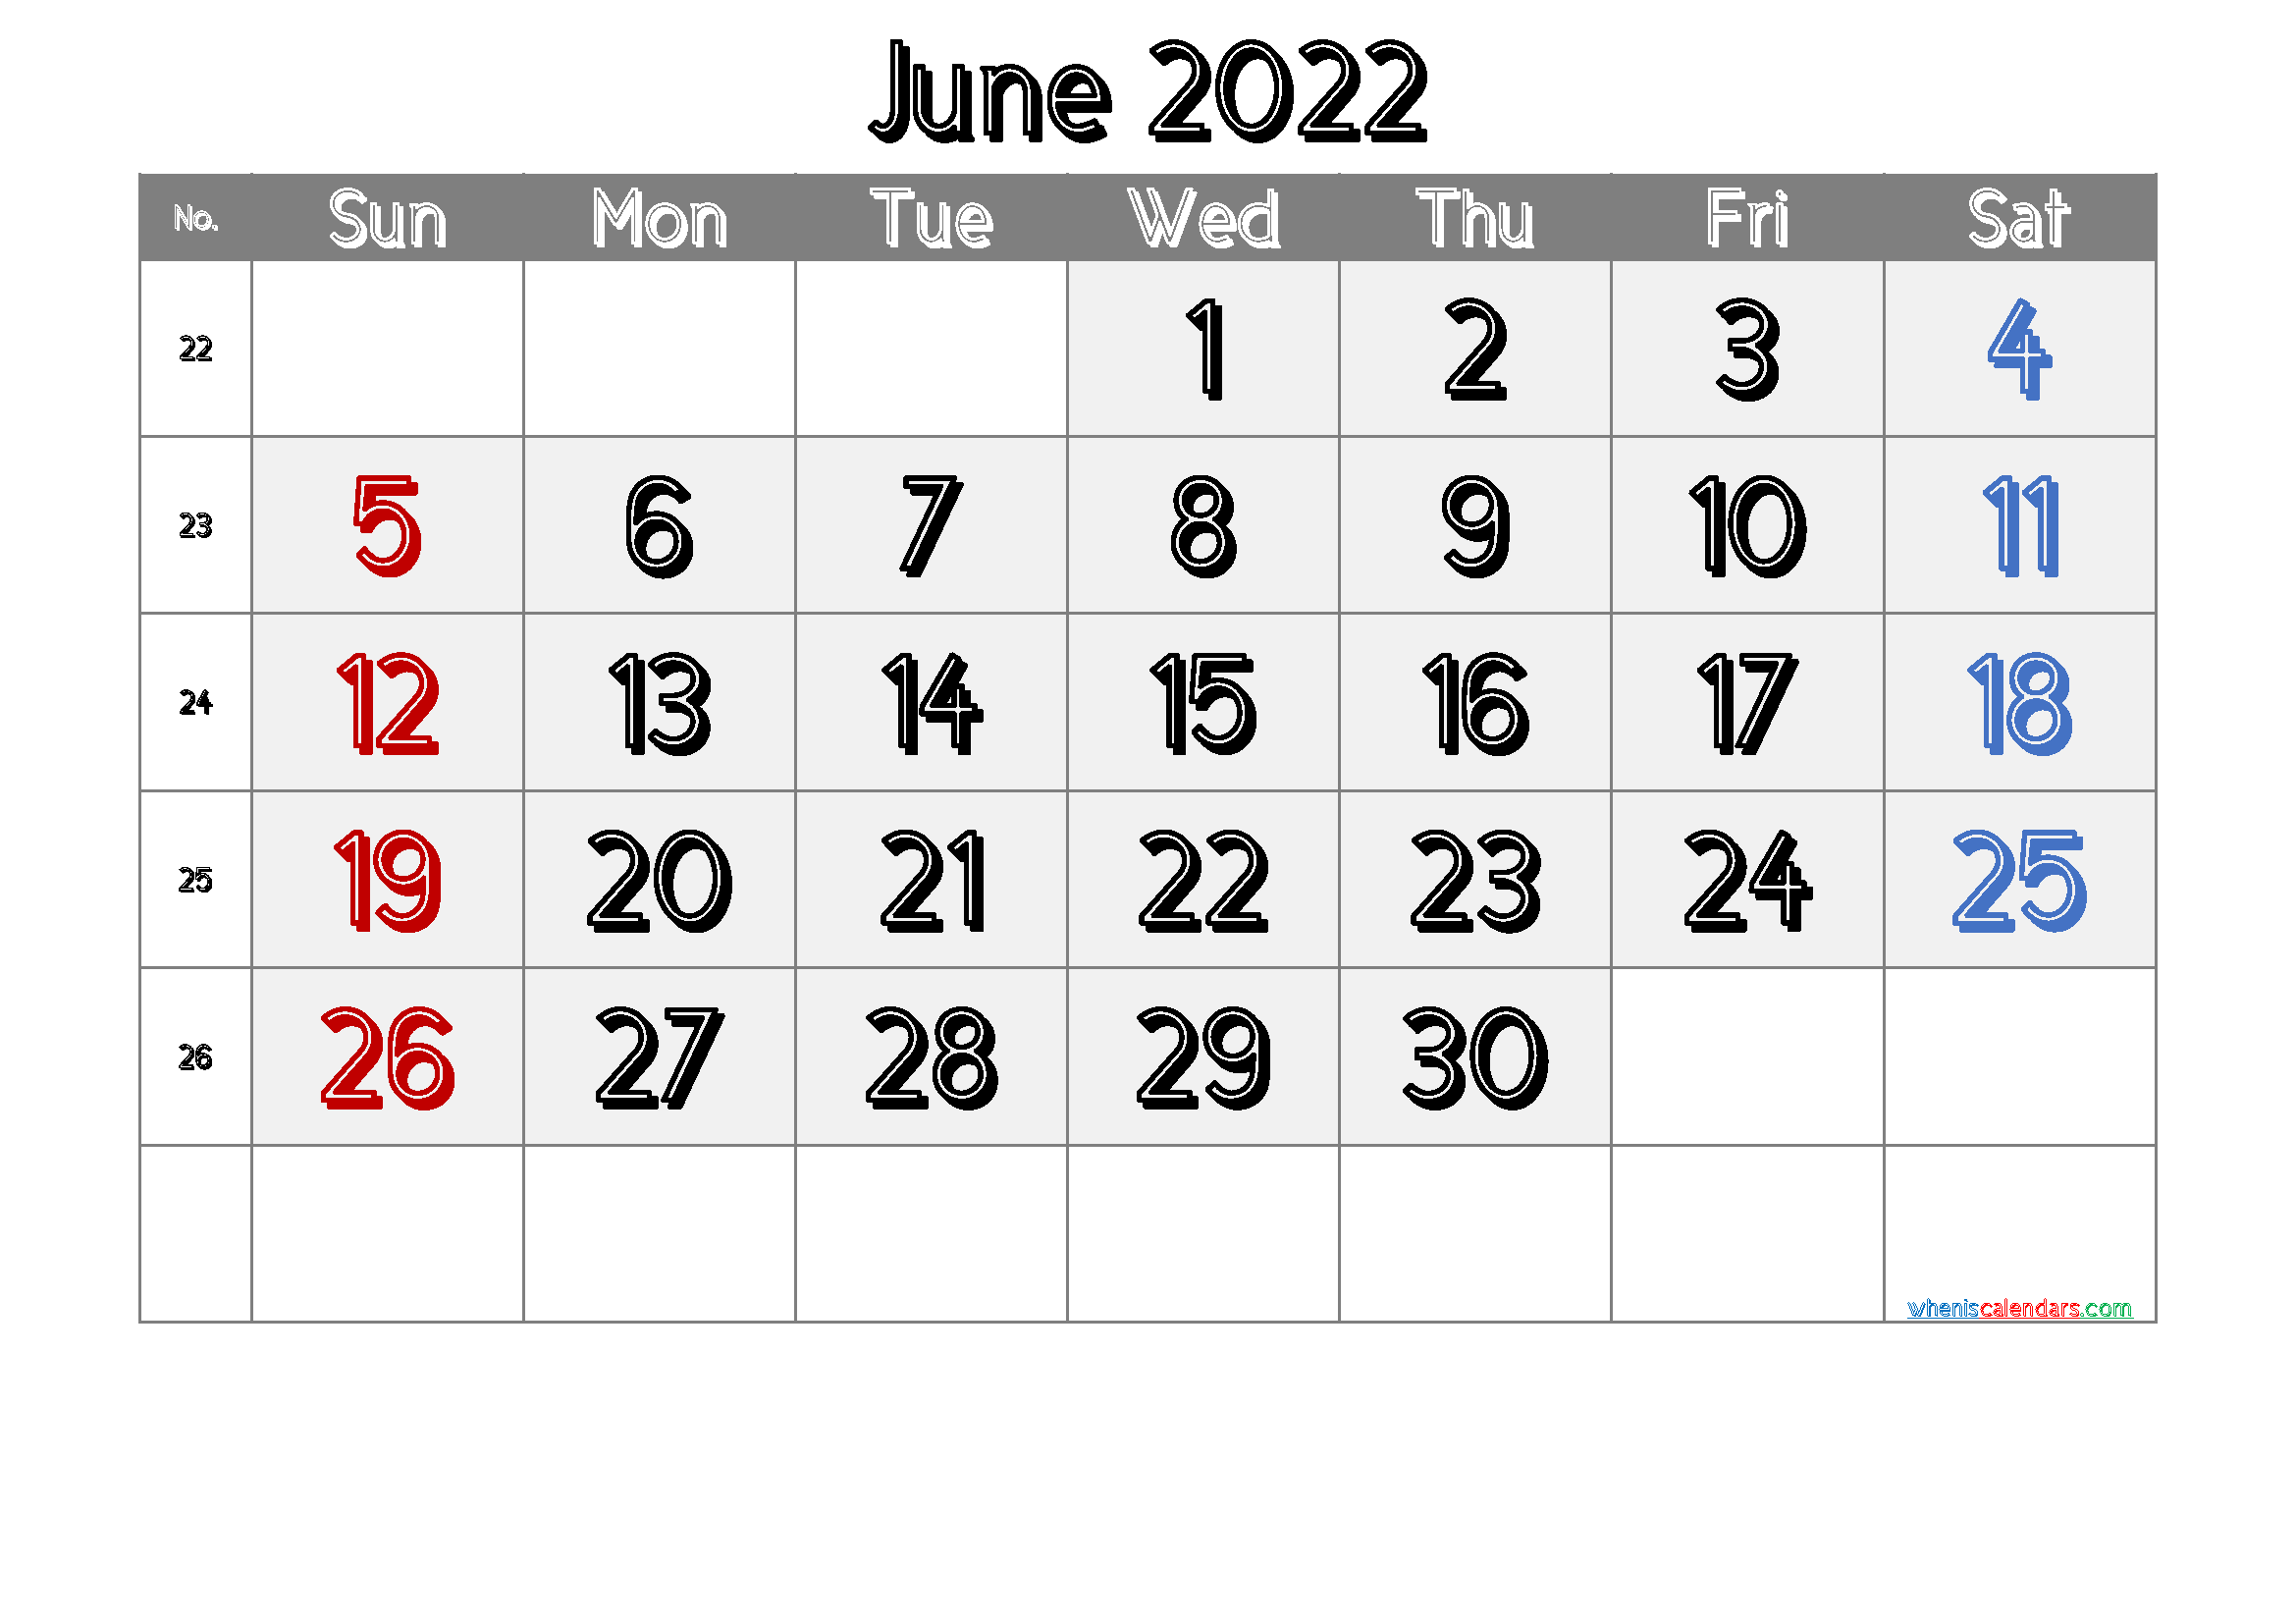 Free Printable June 2022 Calendar